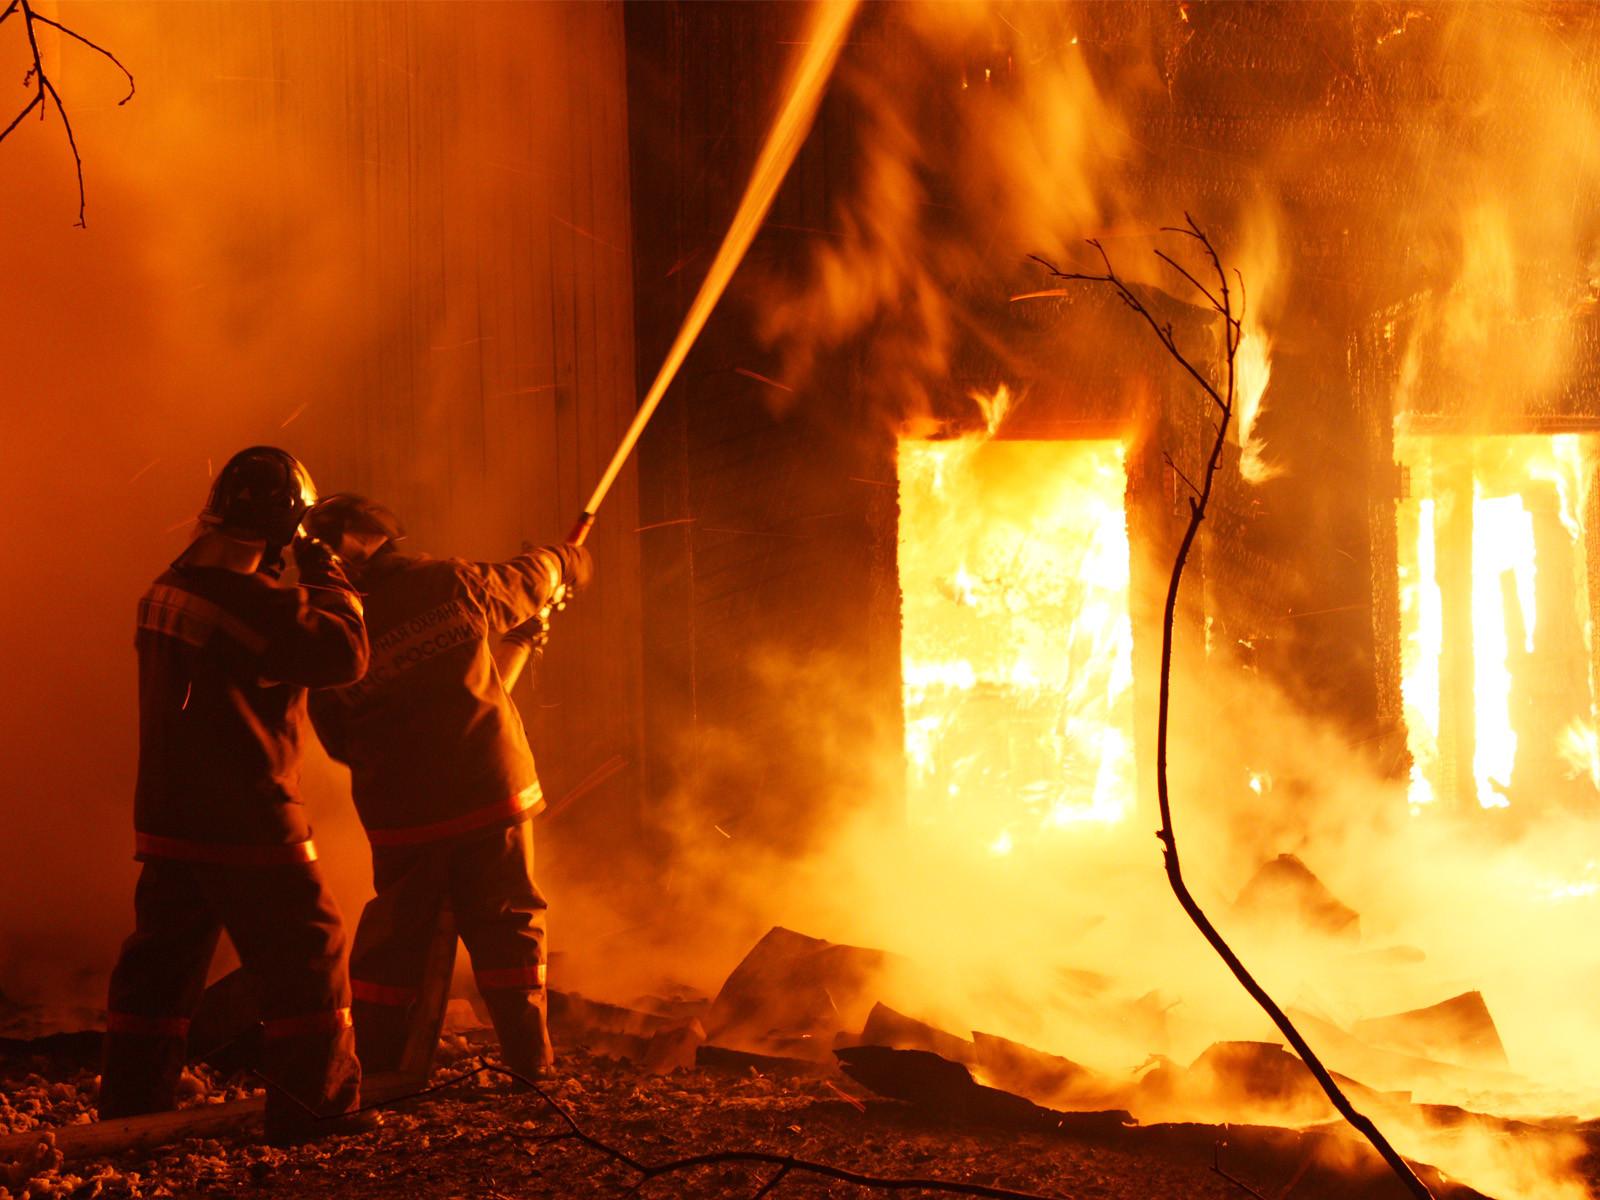 Пожар вжилом доме насеверо-востоке столицы ликвидирован, спасены 10 человек